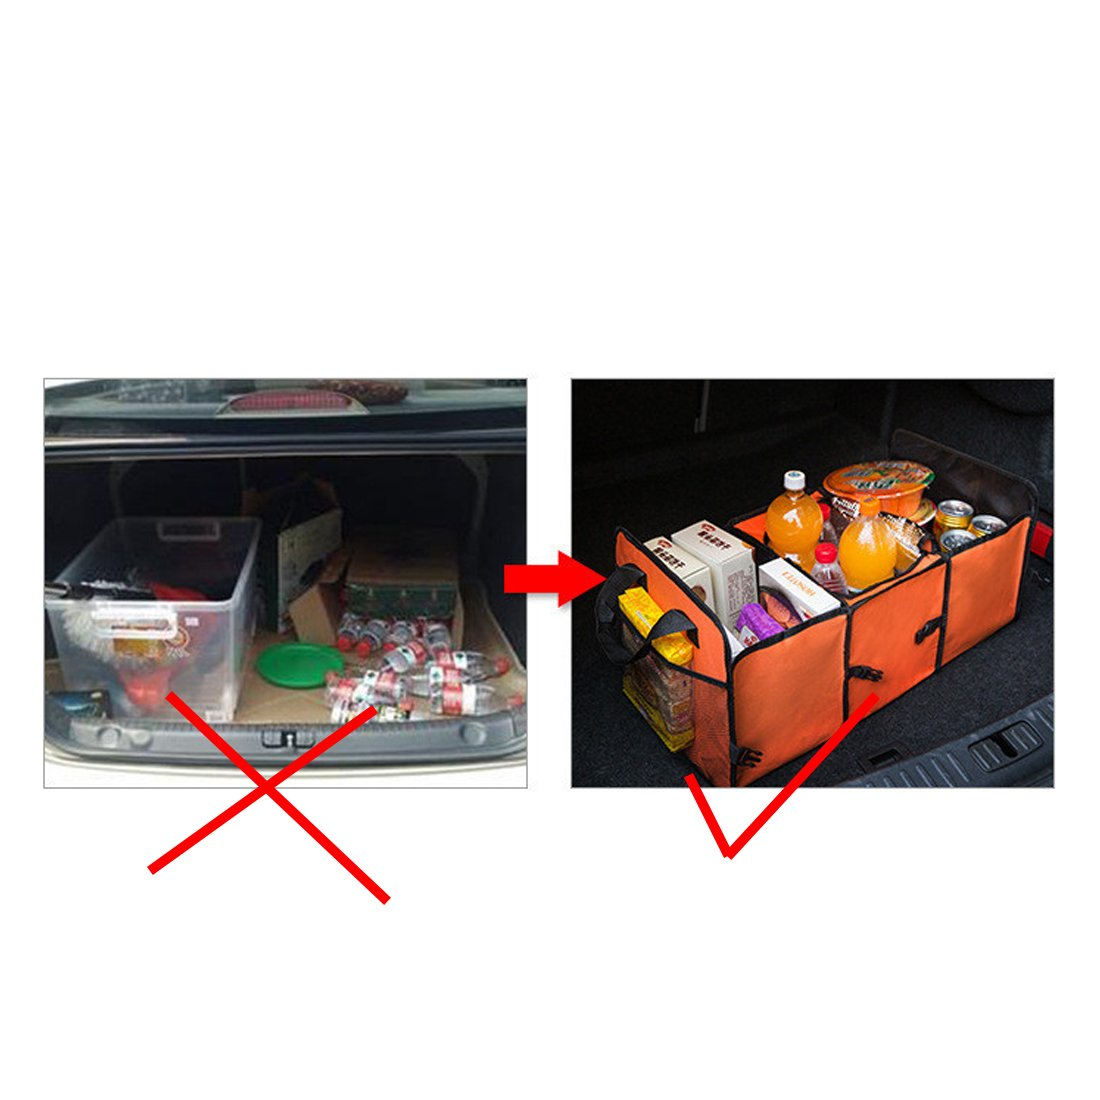 YIOVVOM Trunk Organizer SUV und LKW Bestens geeignet f/ür die Aufbewahrung s/ämtlicher LKW-Vorr/äte beim Zusammenklappen zur einfachen Aufbewahrung Veranstalter f/ür PKW